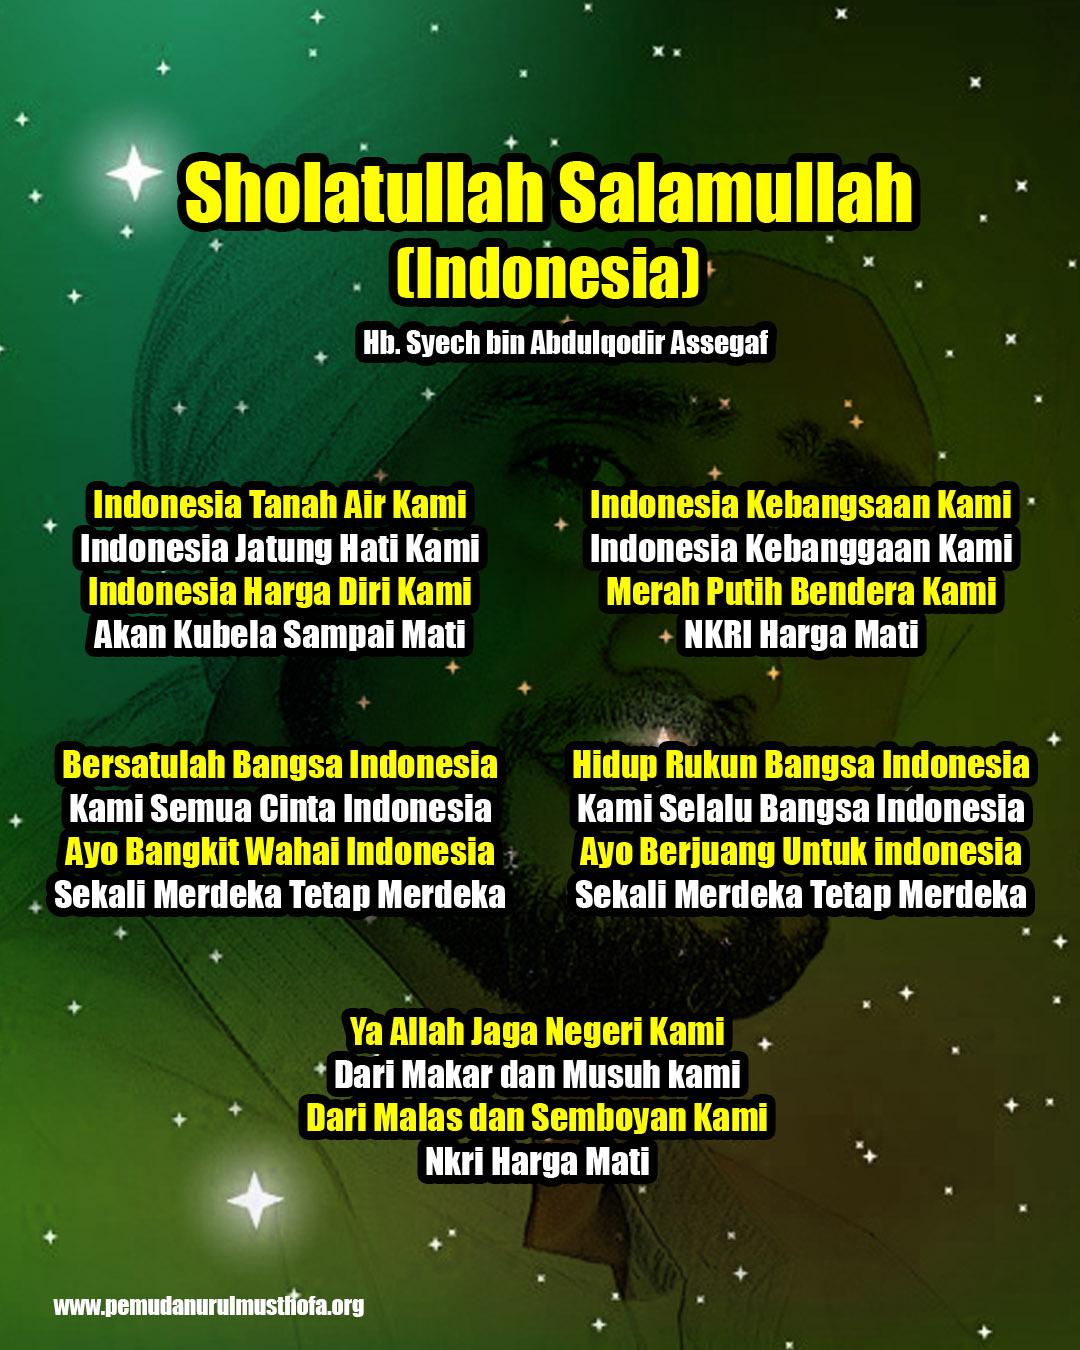 Download Mp3 Gratis Sholatullah Salamullah : download, gratis, sholatullah, salamullah, Lirik, Sholawat, Badar, Sholatullah, Salamullah